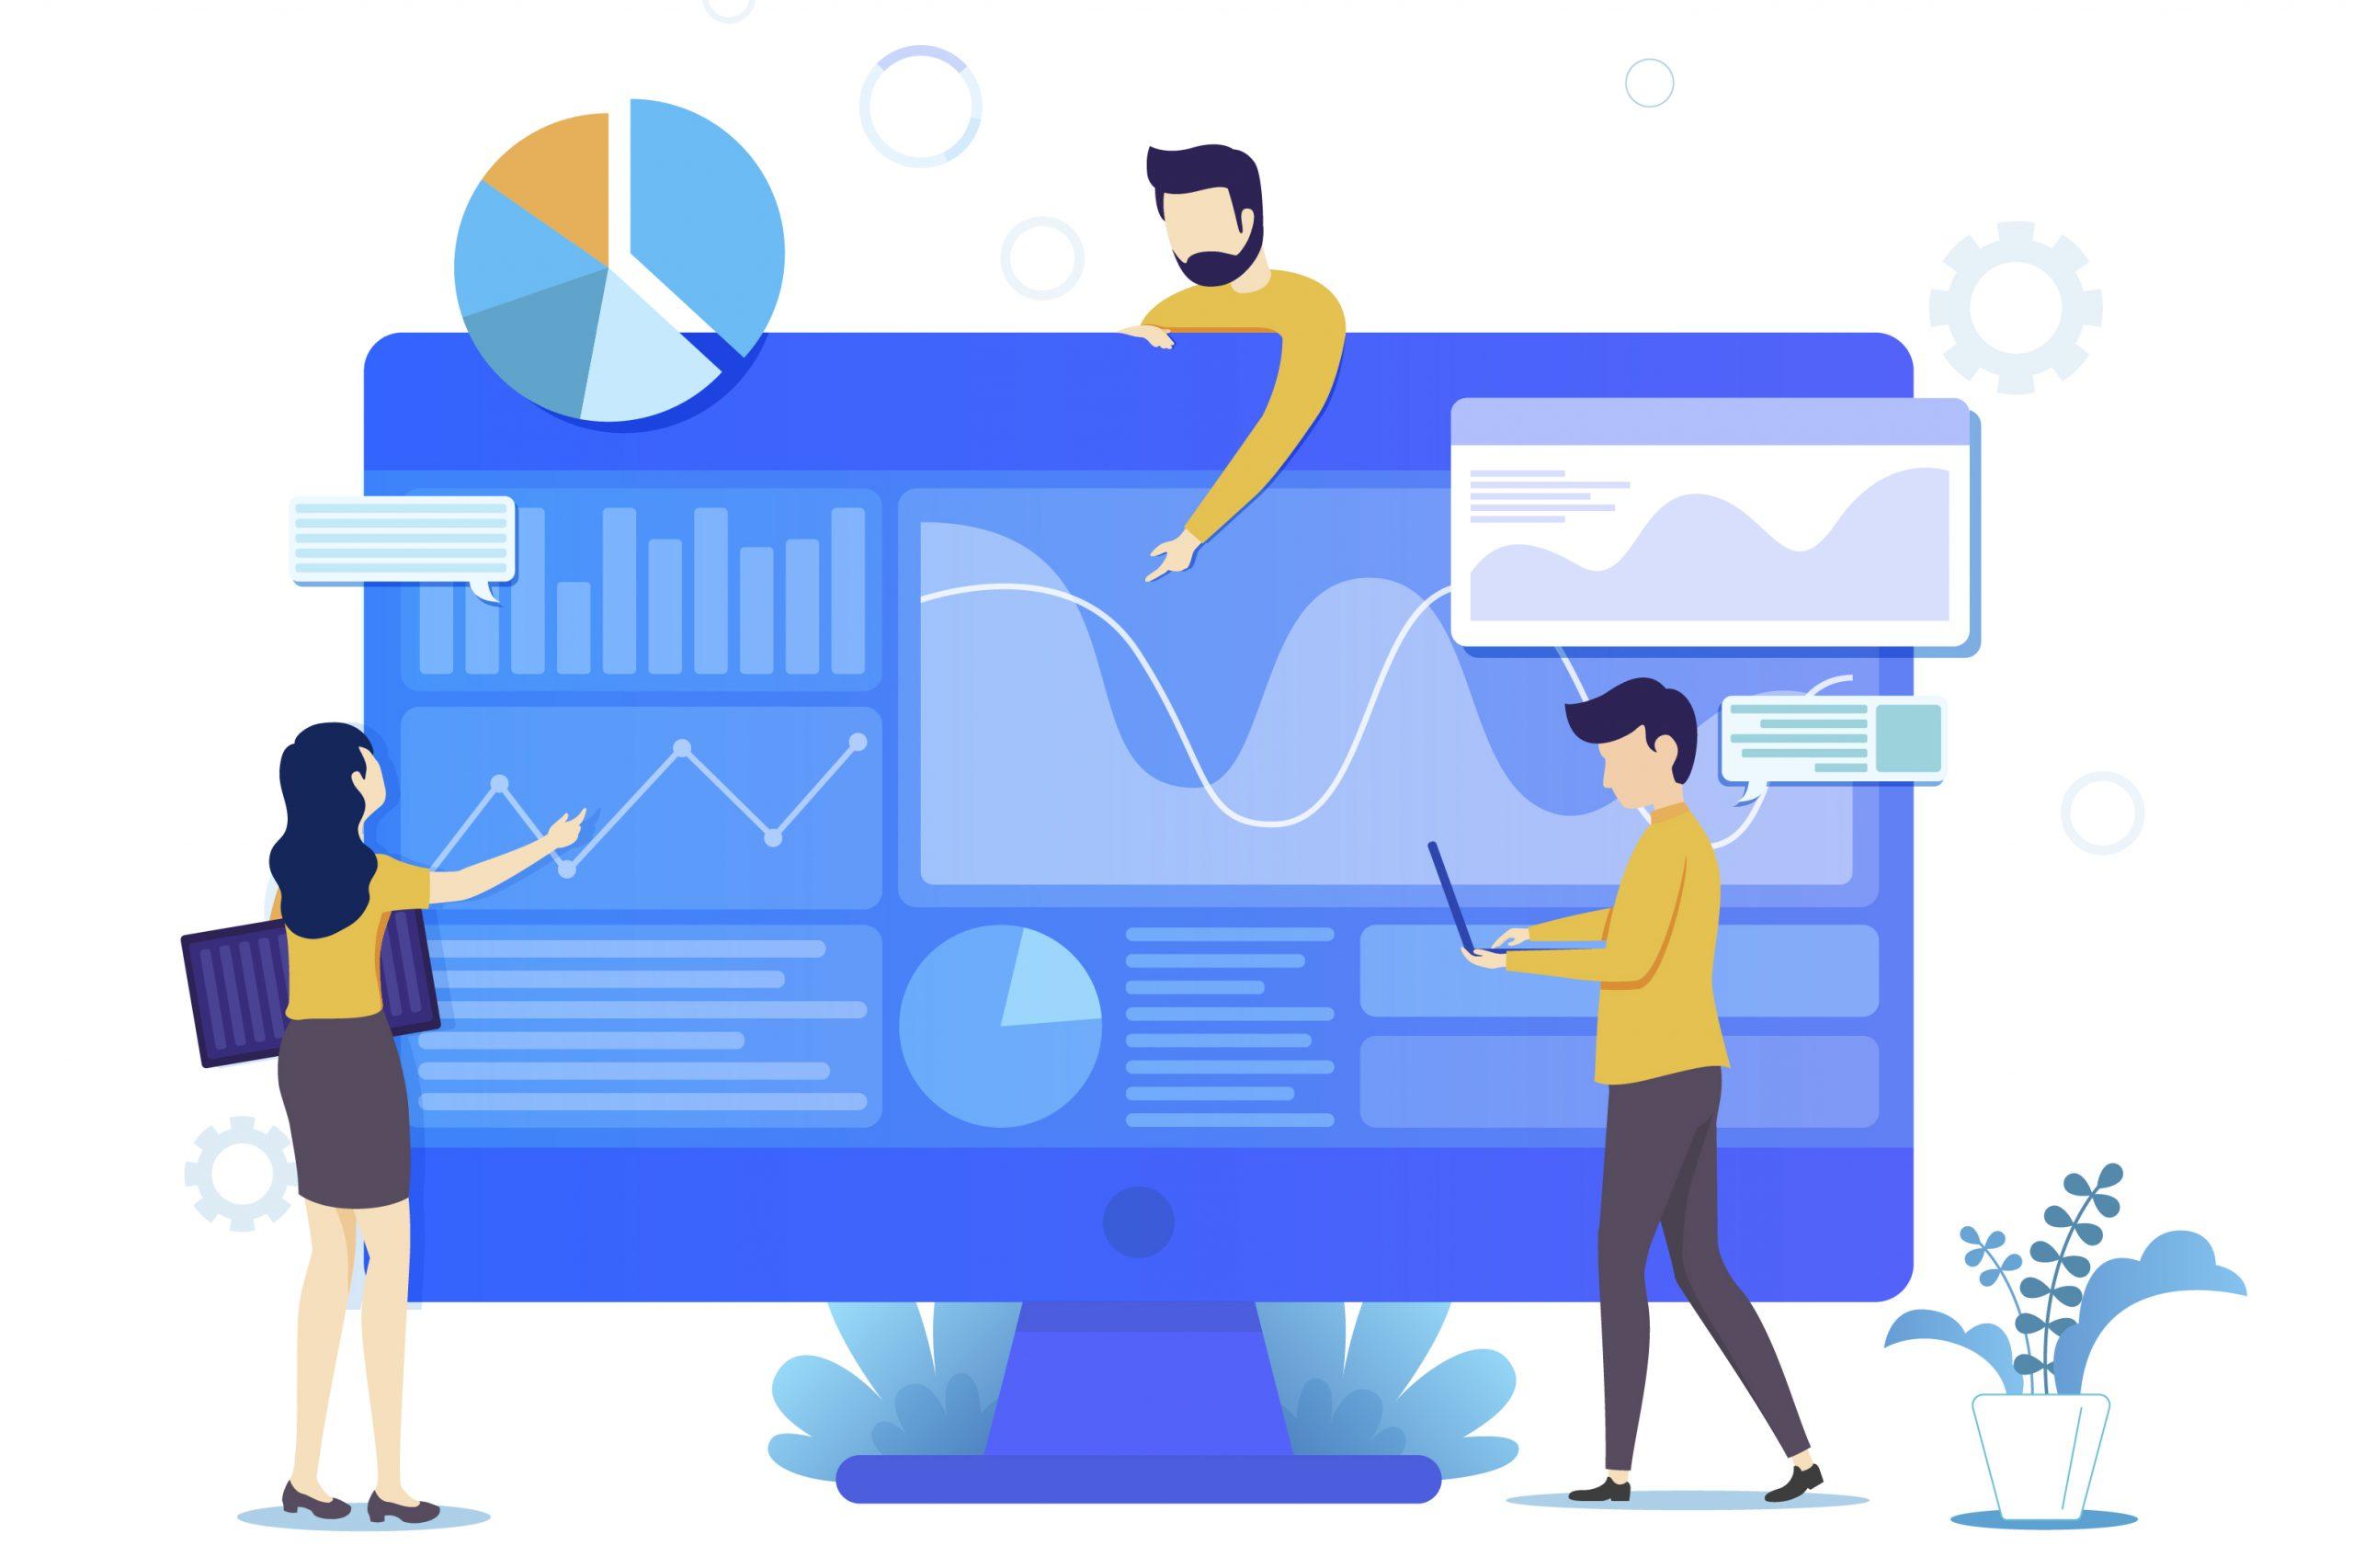 Vous désirez être formés au marketing Digitale . Réseaux Sociaux, Référencement, Emailing et stratégie inbound marketing, nous vous proposons des formations sur-mesure.